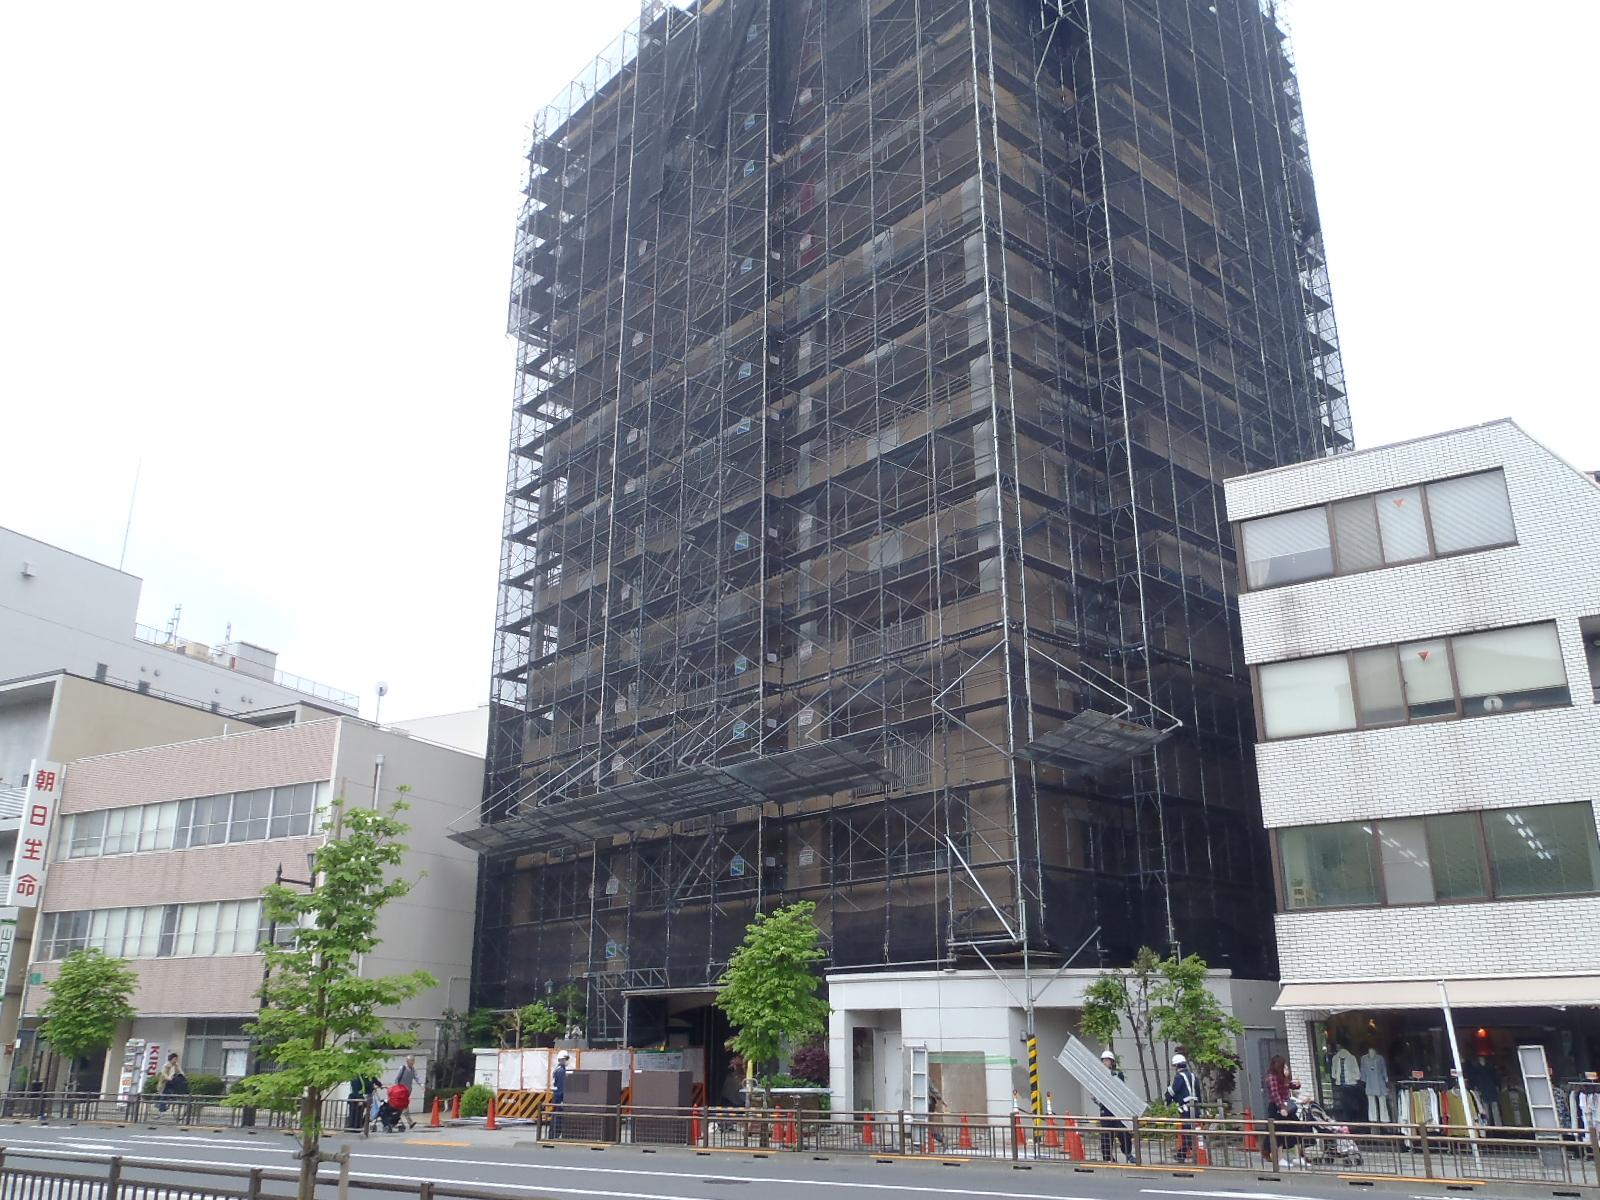 クイーンシティ豊田多摩平の丘 大規模改修工事